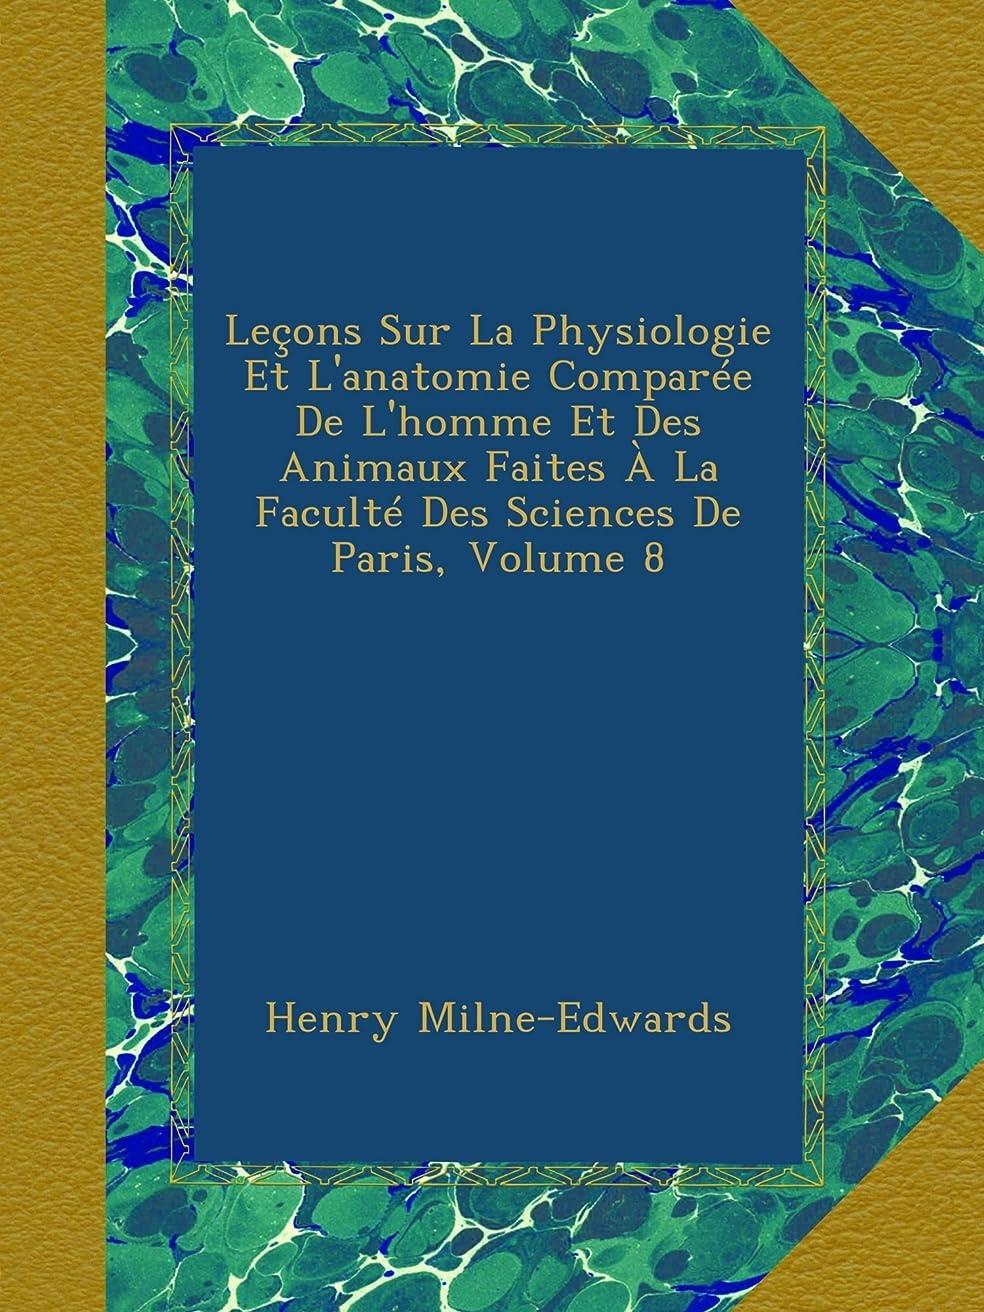 Le?ons Sur La Physiologie Et L'anatomie Comparée De L'homme Et Des Animaux Faites à La Faculté Des Sciences De Paris, Volume 8